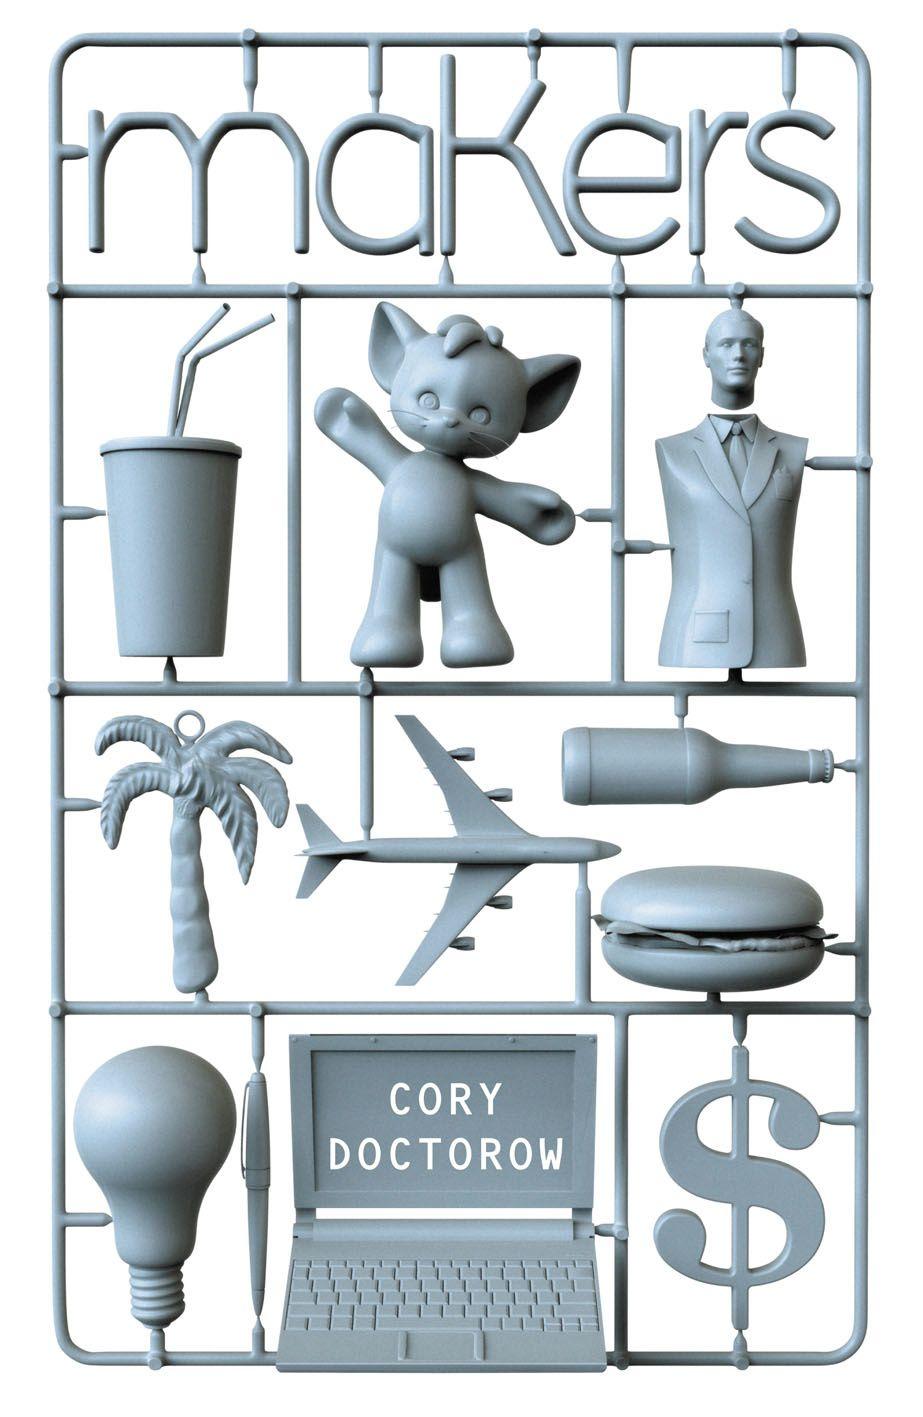 Makers de Cory Doctorow